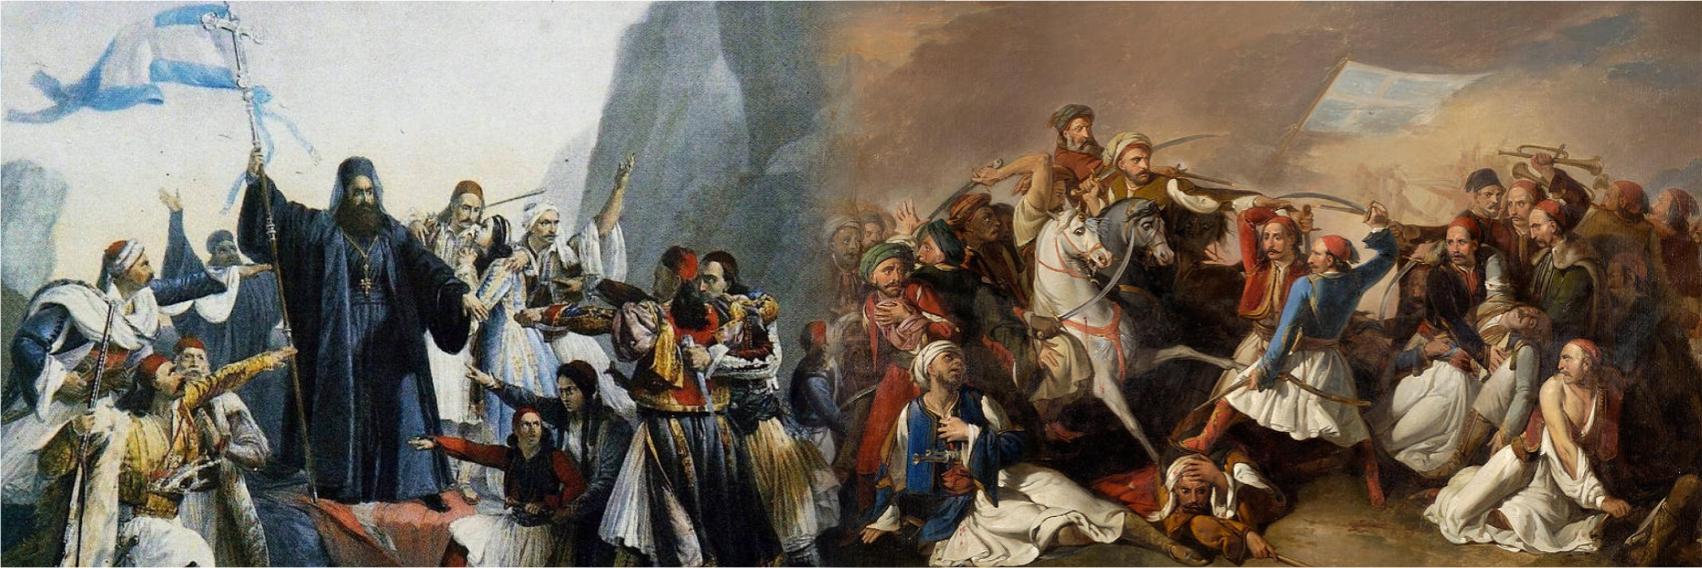 simaies epanastasis 1821